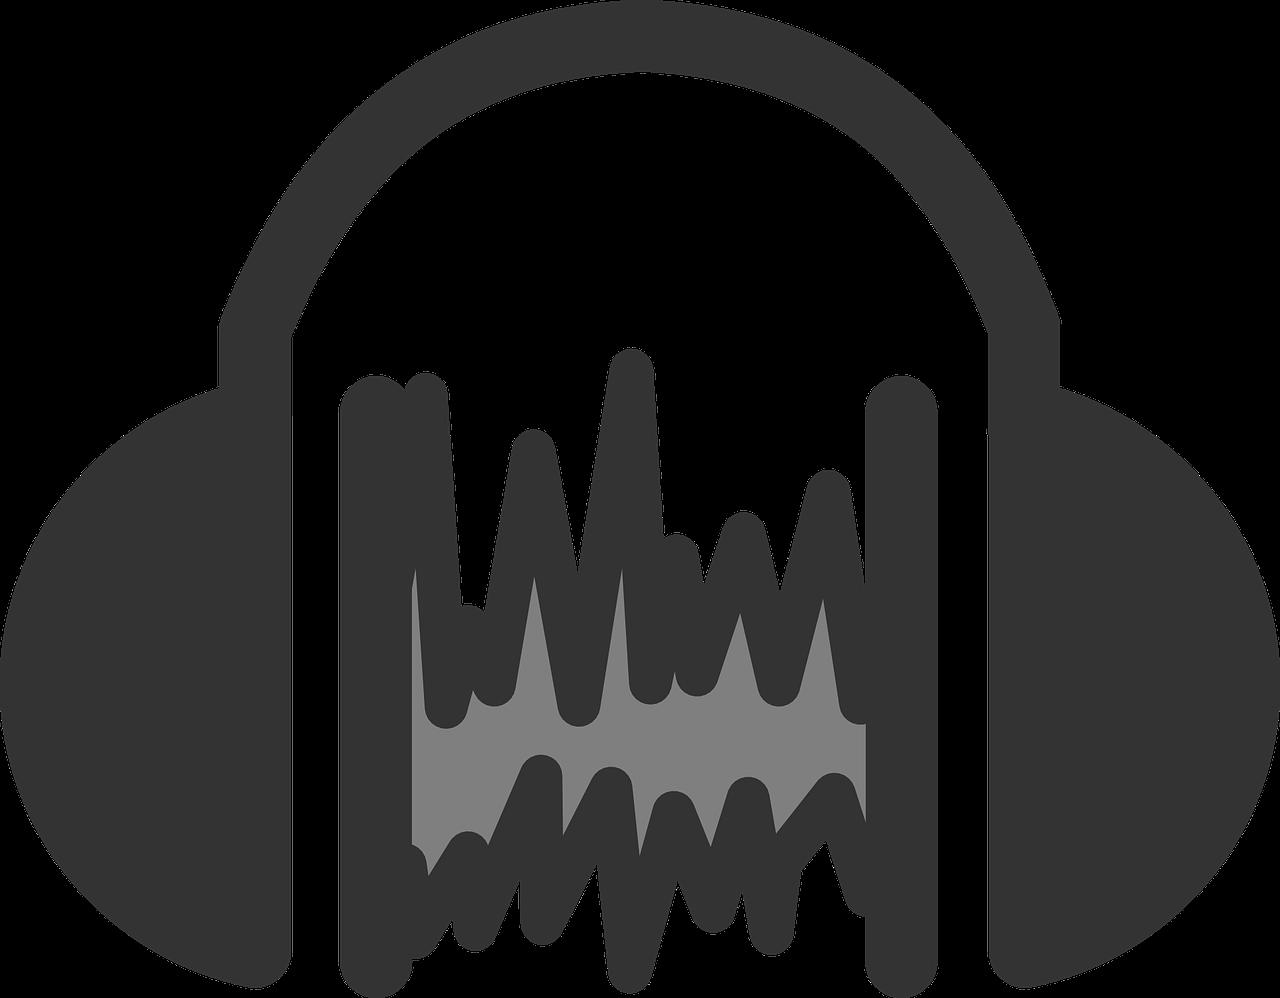 【耳机LOGO】图片免费下载_耳机LOGO素材_耳机L... -千图网手机版